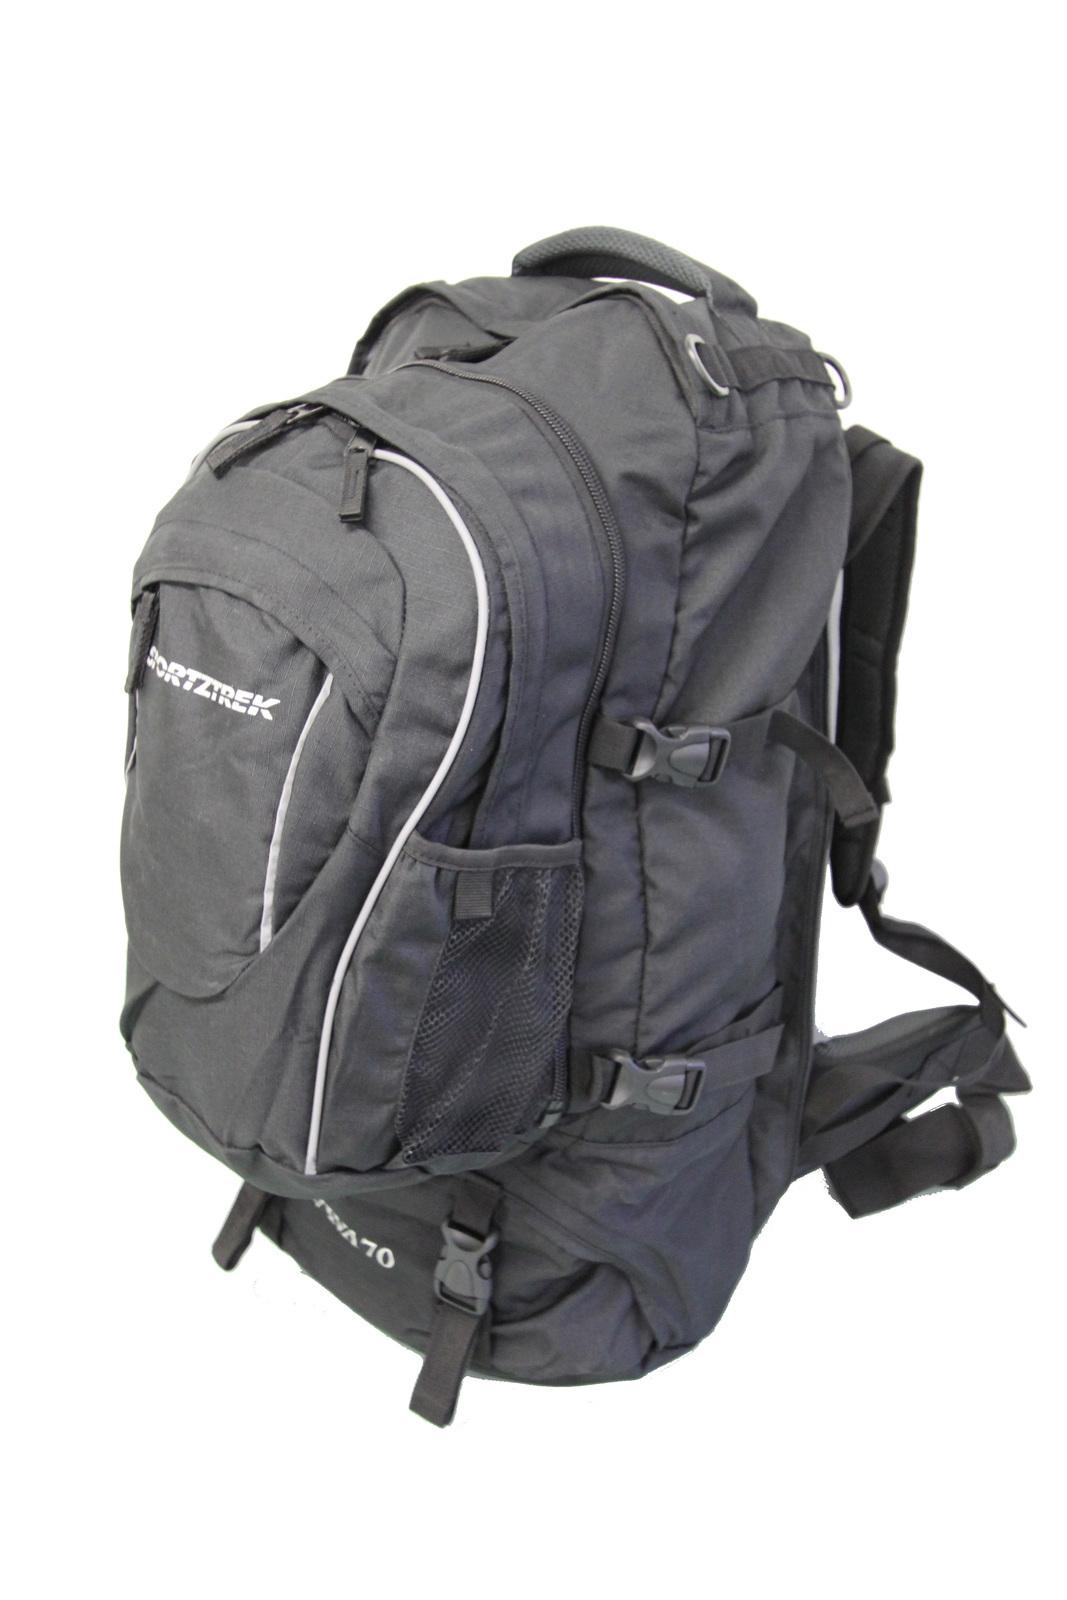 Sportztrek Viva Backpack - 70L